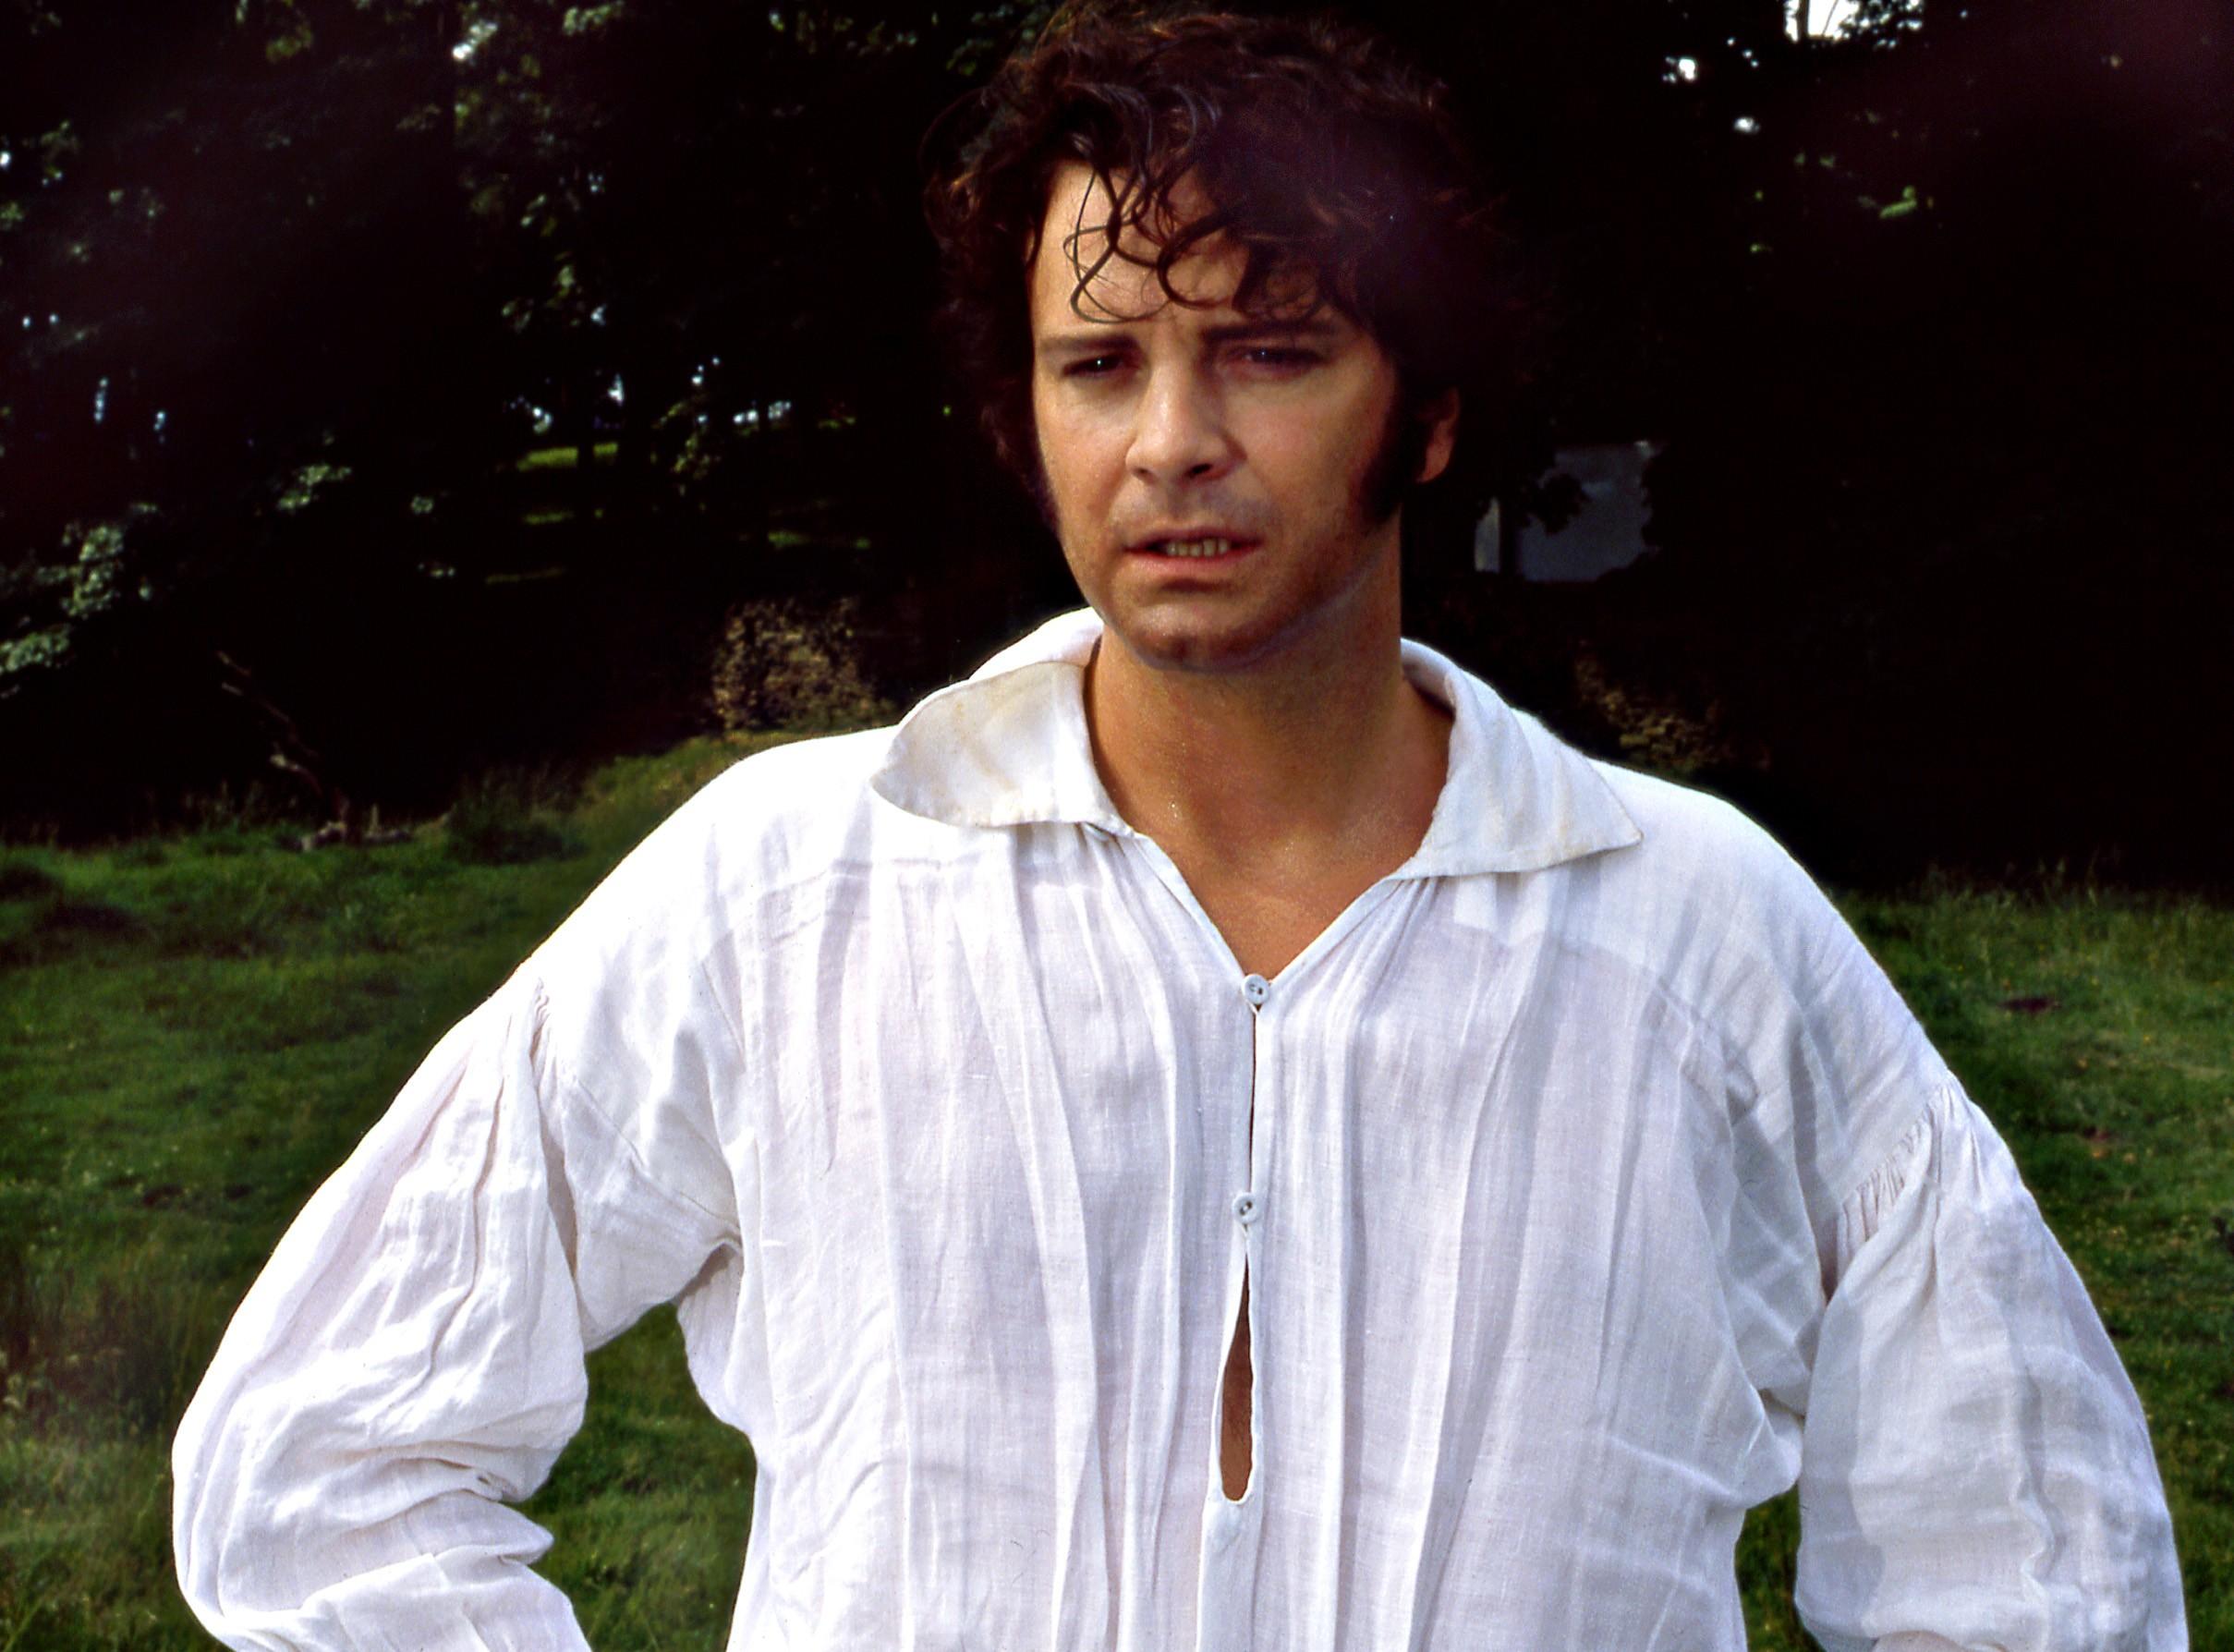 Colin Firth as Mr Darcy in the BBC's classic Pride and Prejudice (BBC)